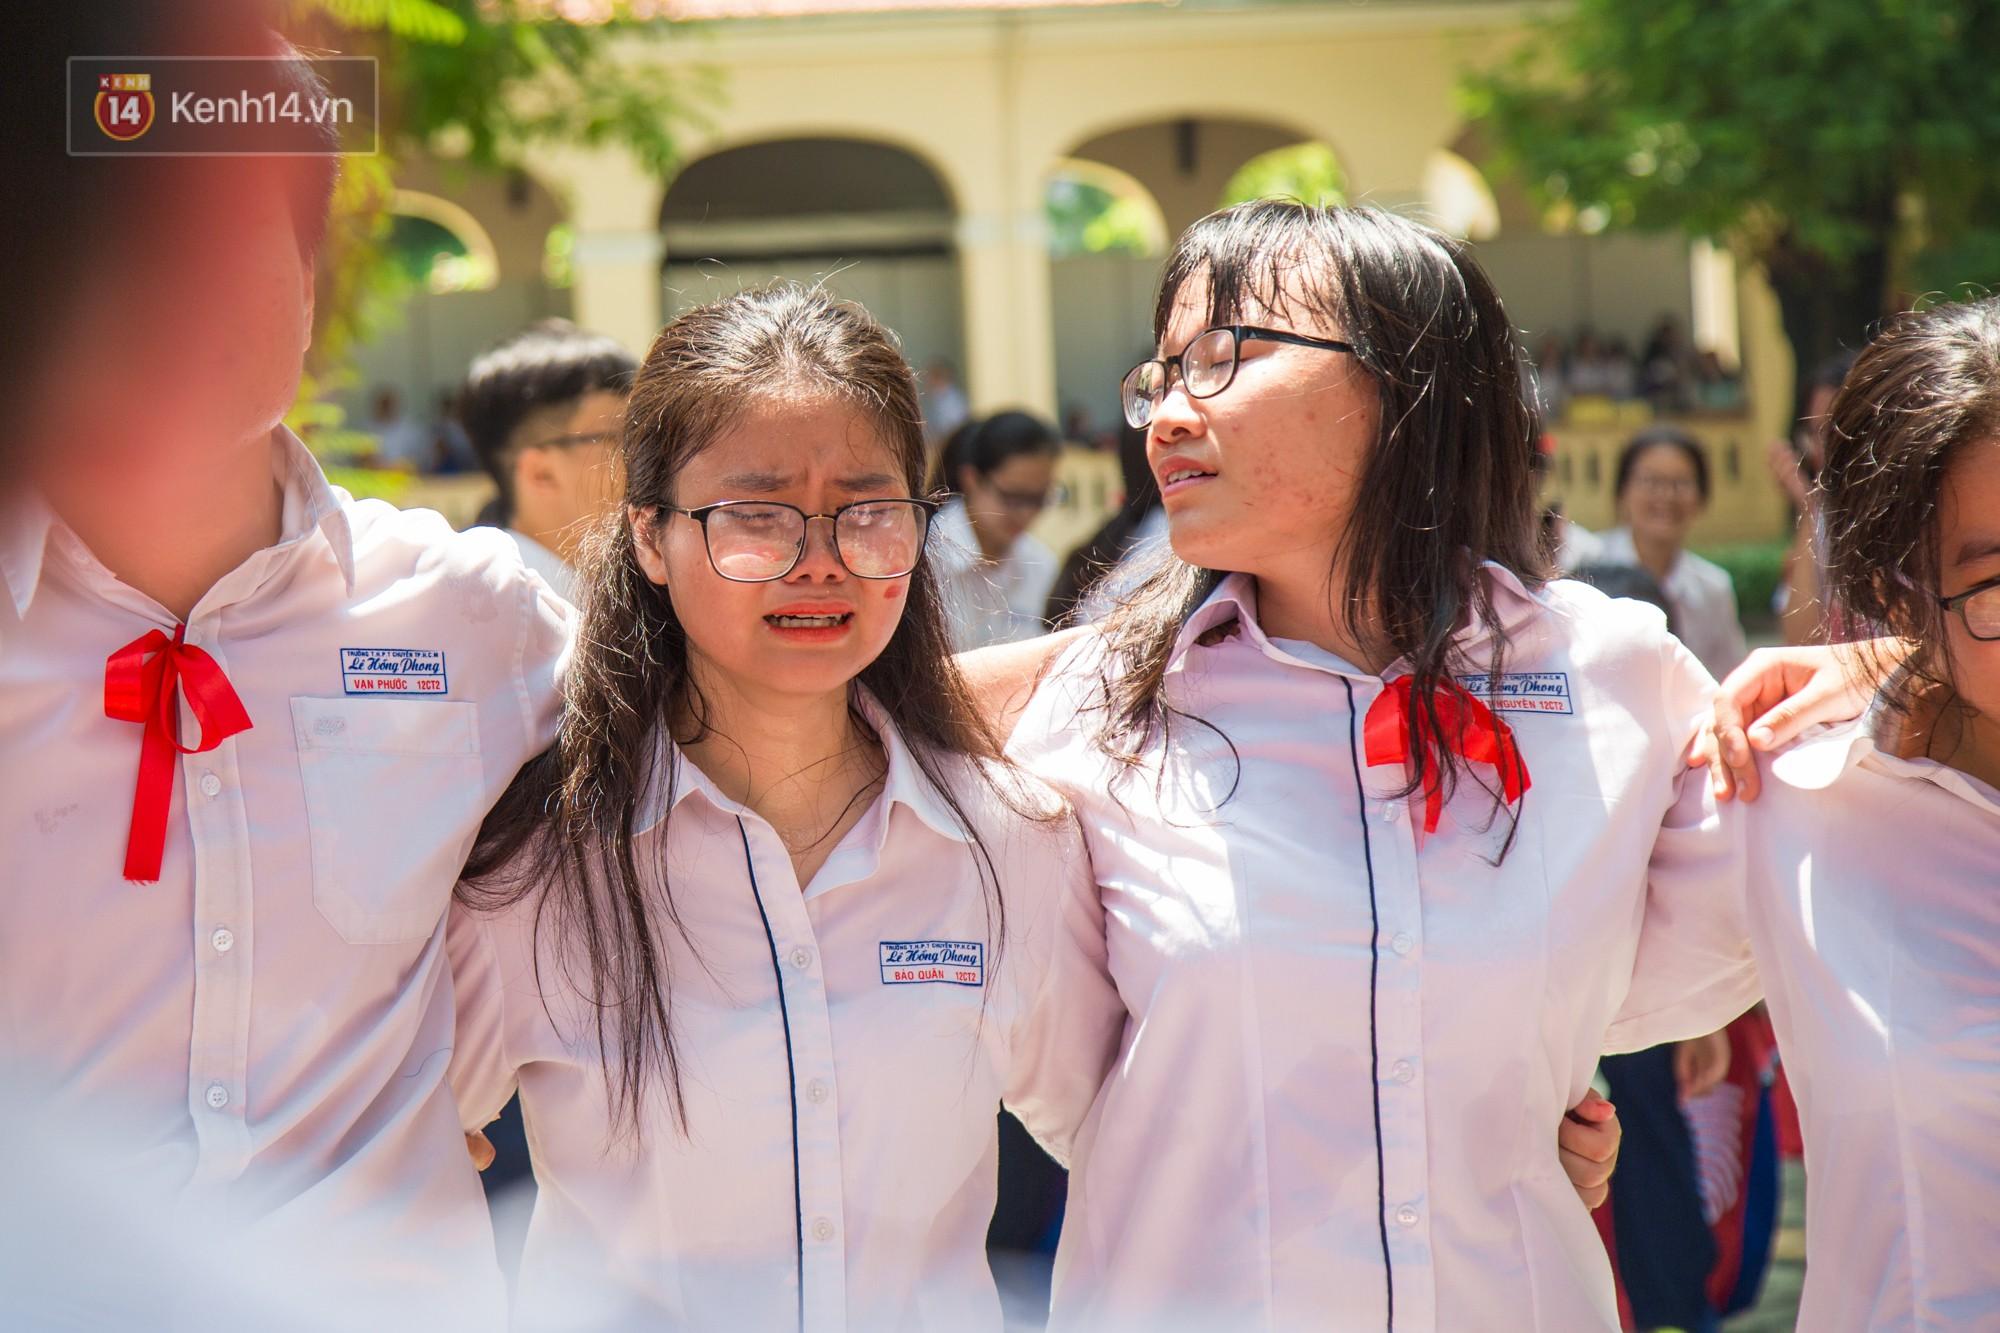 Ngày ra trường của teen Lê Hồng Phong: Nụ cười và nước mắt, bạn tôi ơi xin bên nhau thêm chút nữa!-13